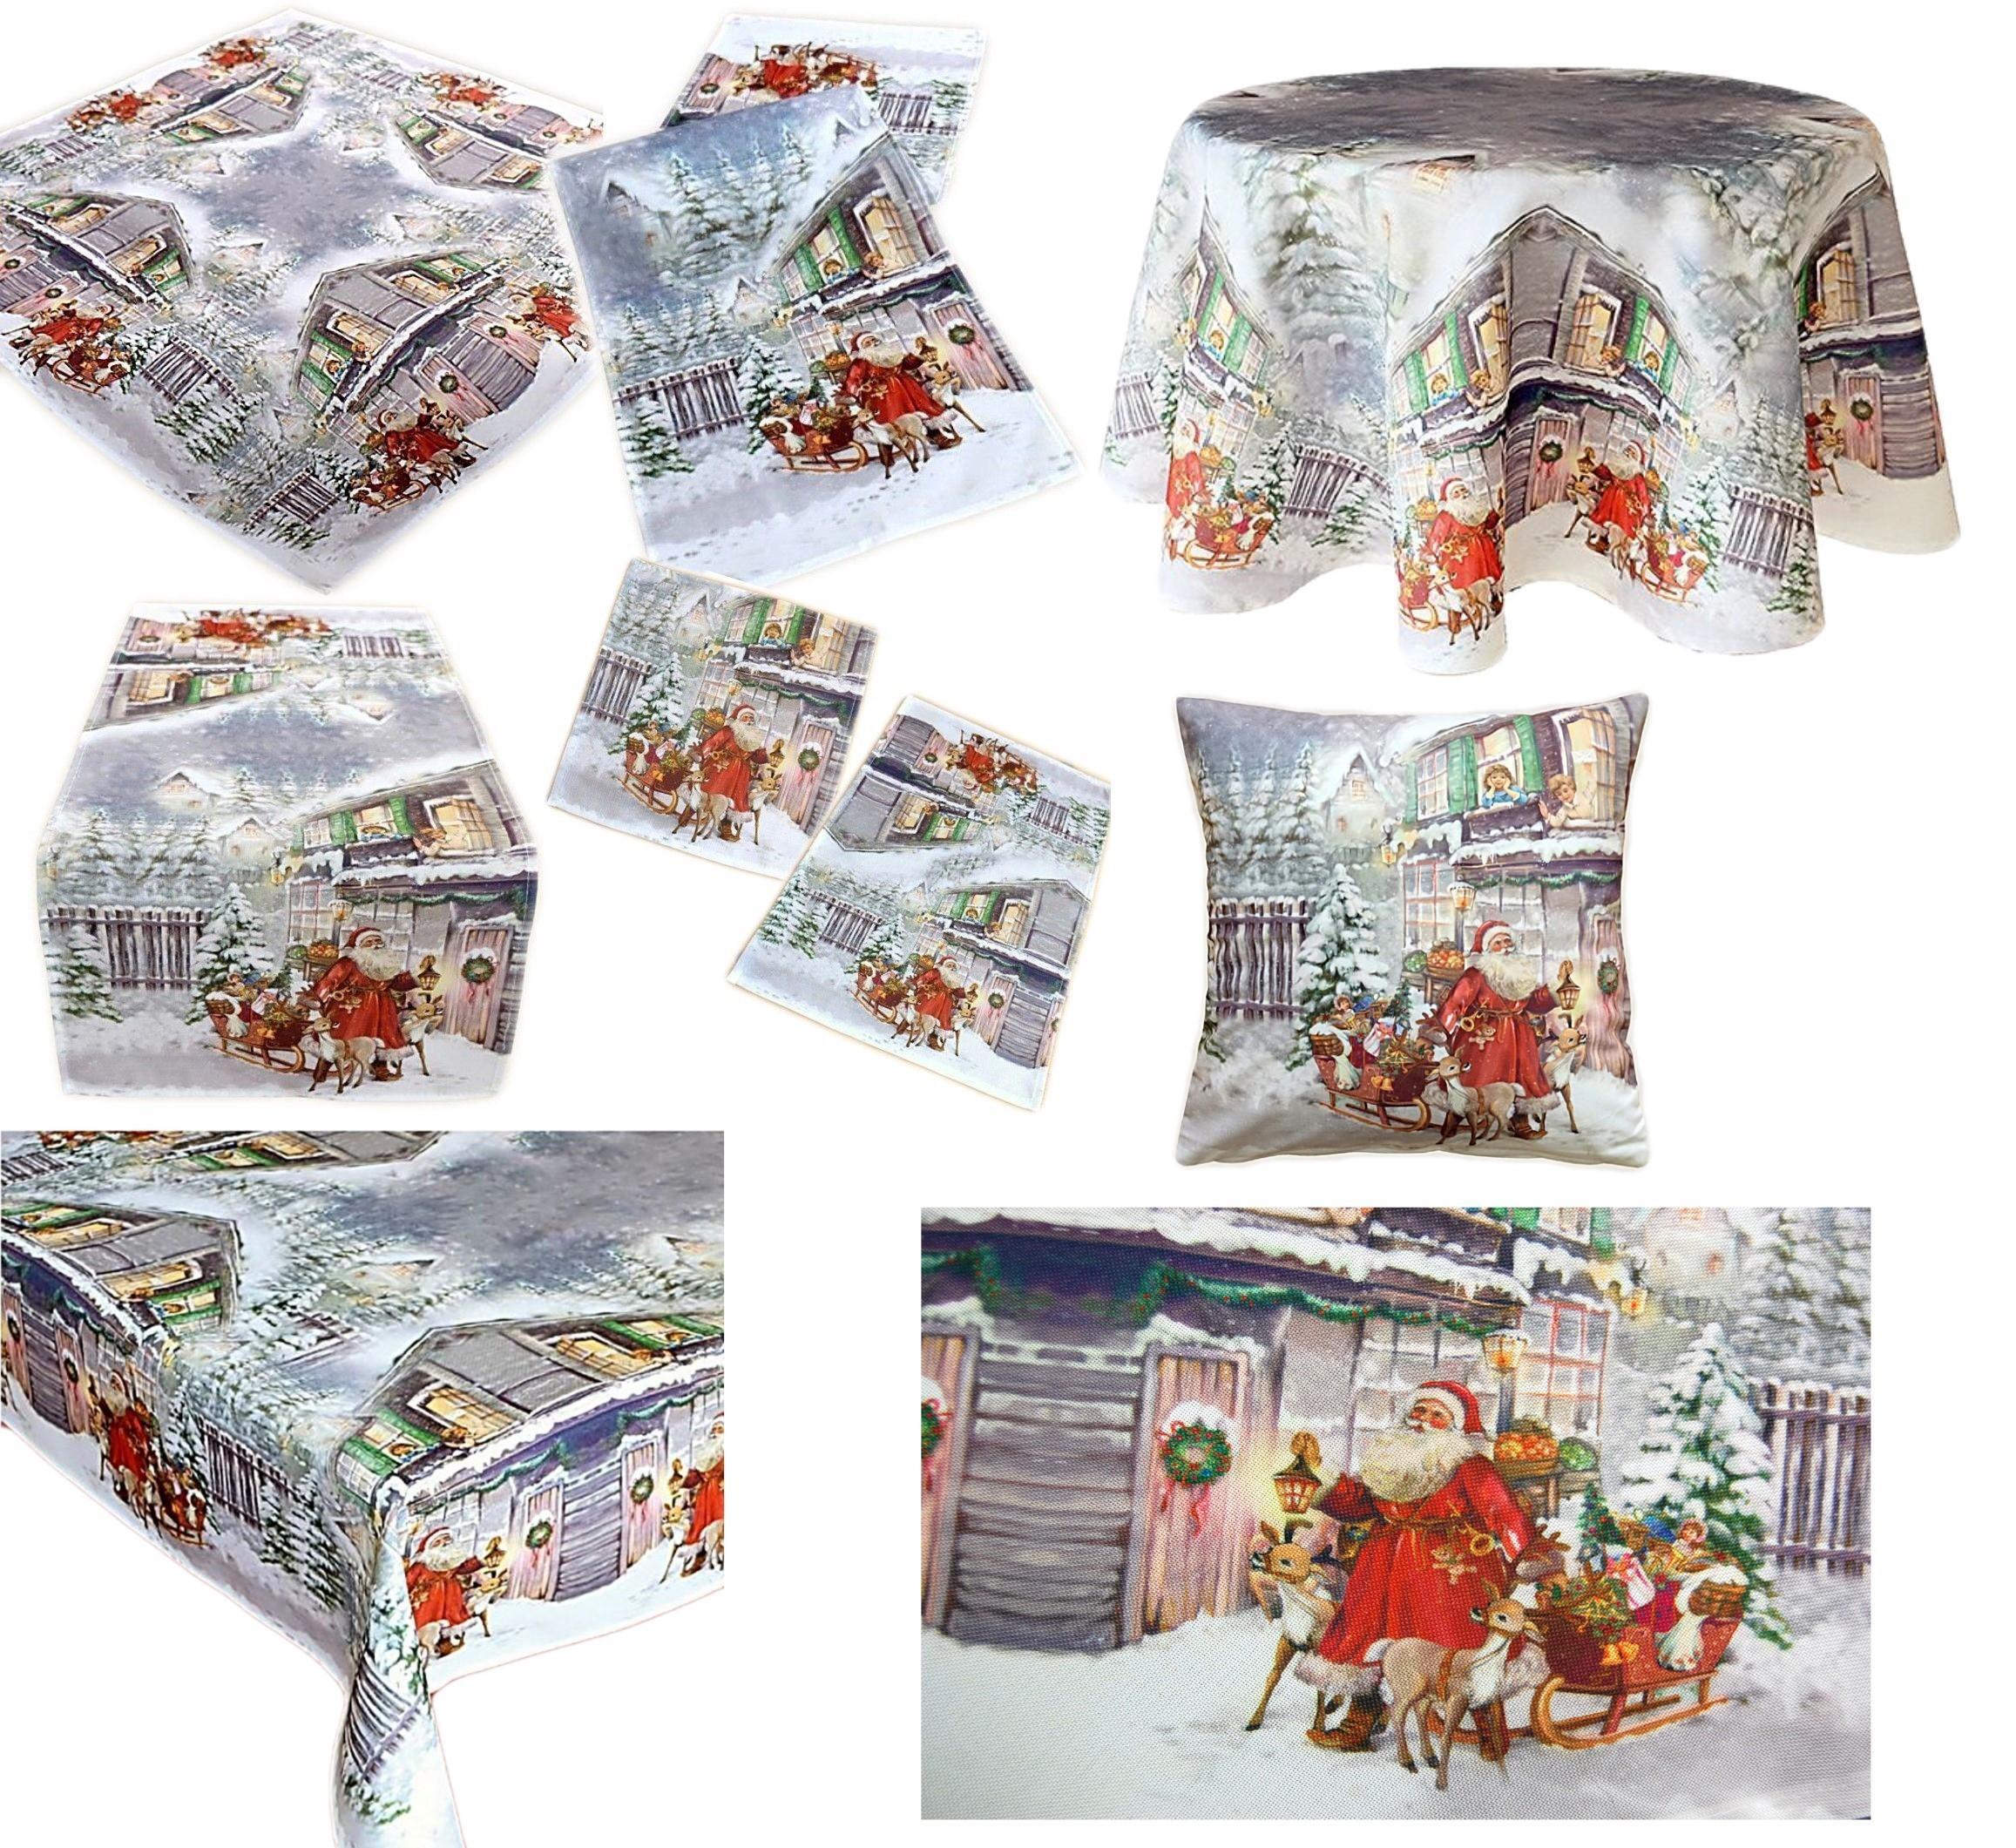 Tischdecke Weihnachten Pflegeleicht Weihnachtsmann Tischläufer Kissenhülle Decke